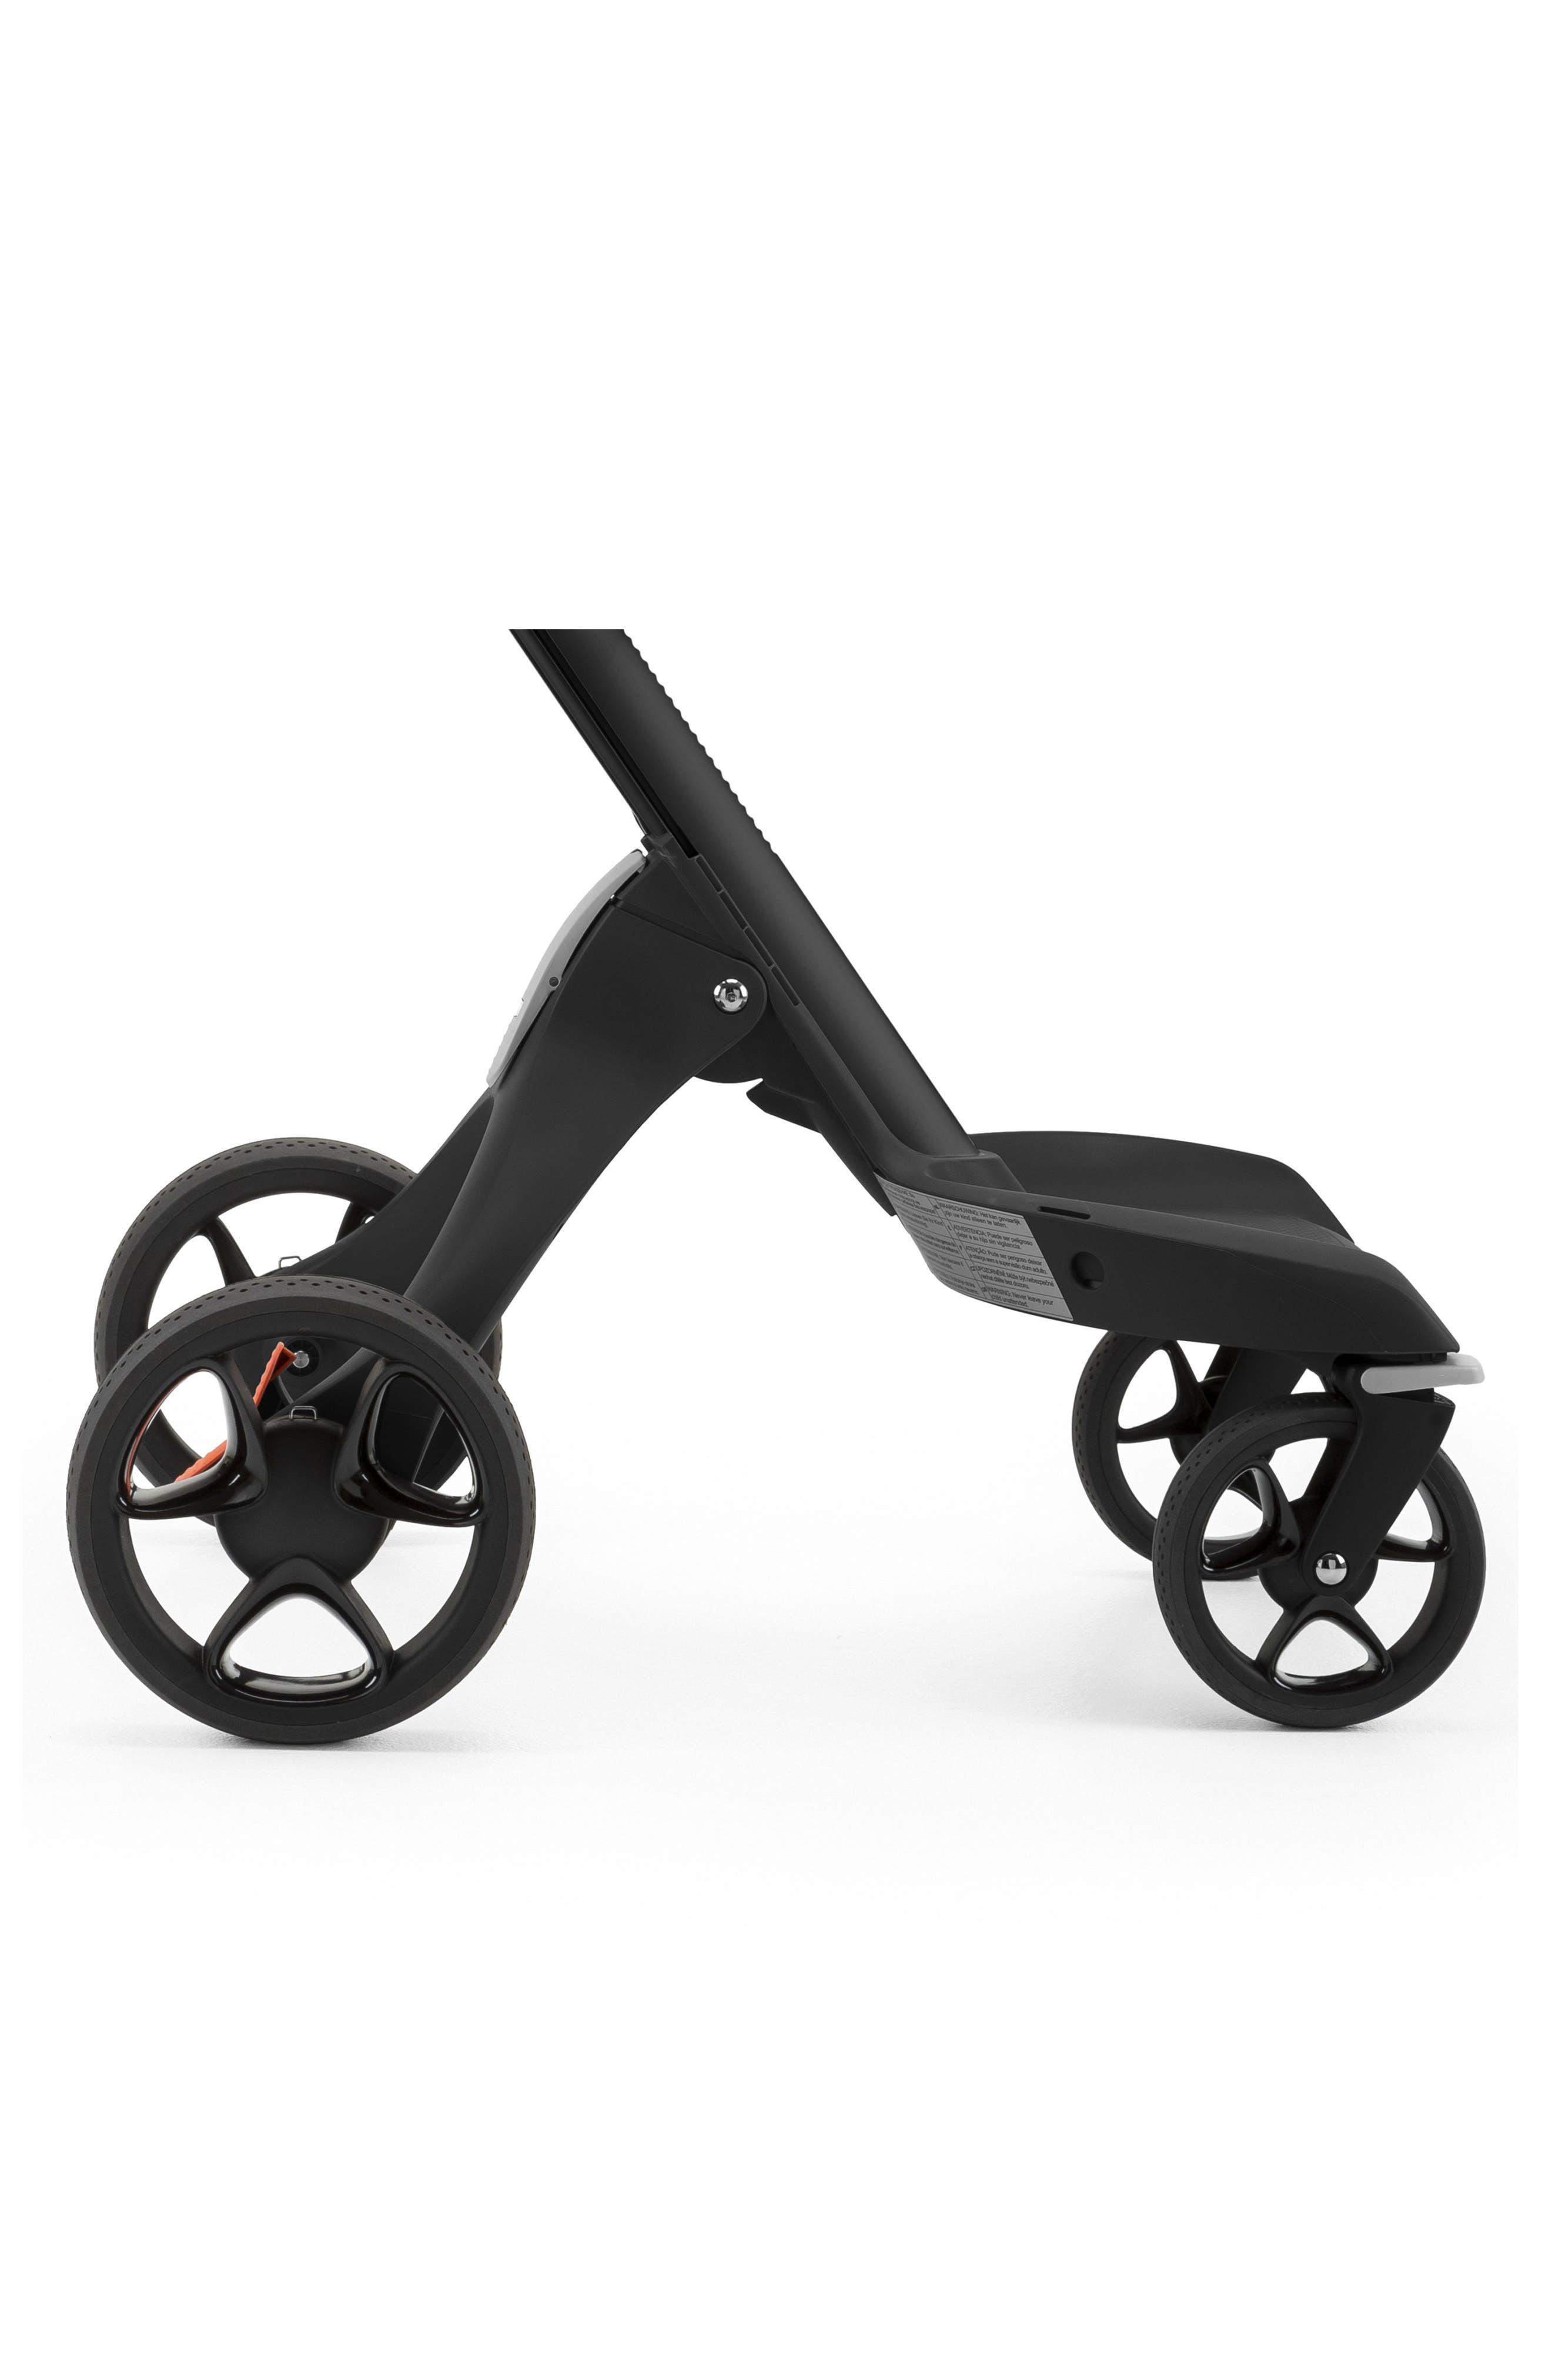 Main Image - Stokke Xplory® Wheels